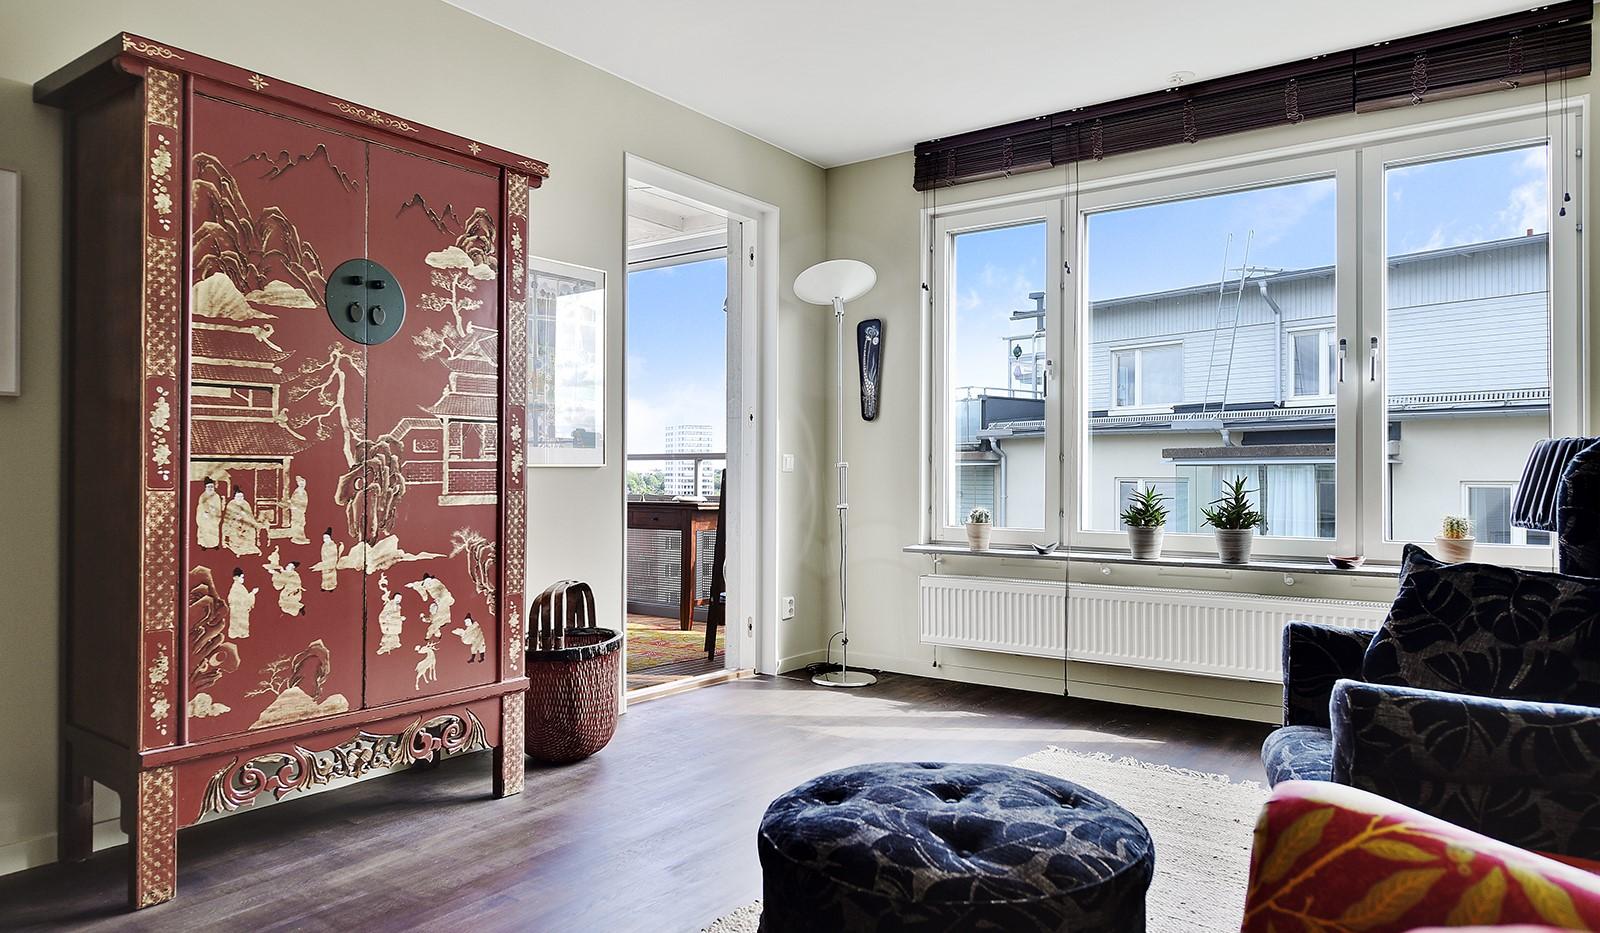 Hildebergsvägen 8, 5 tr - Stora fönsterpartier ger bra ljusinsläpp